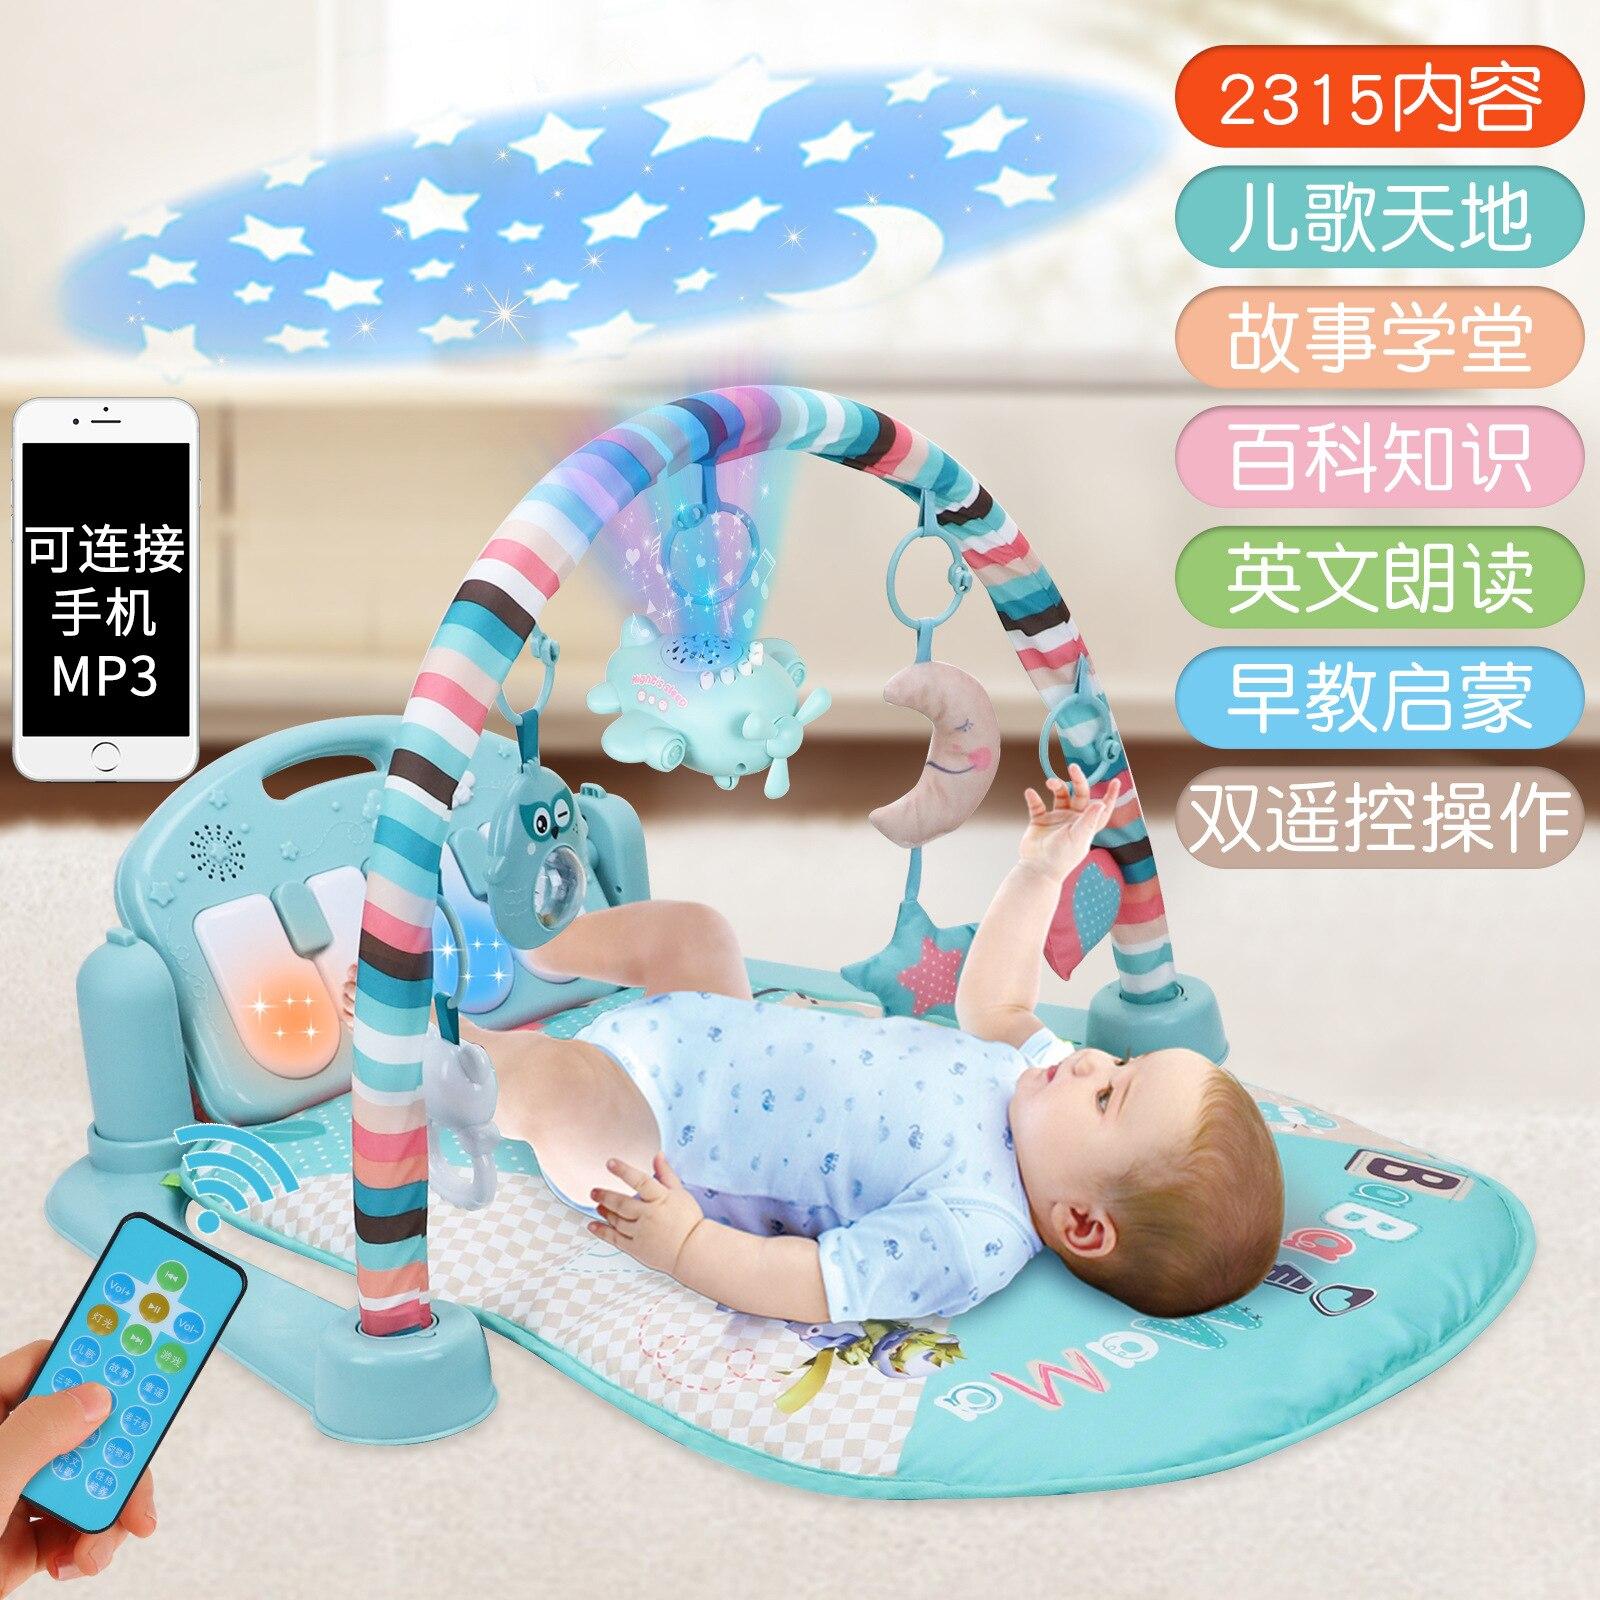 Bébé coup de pied et jouer Piano tapis de gymnastique fabricant nouveau-né bébé femmes 0-1 ans 3-6-12 mois garçon jouet éducatif